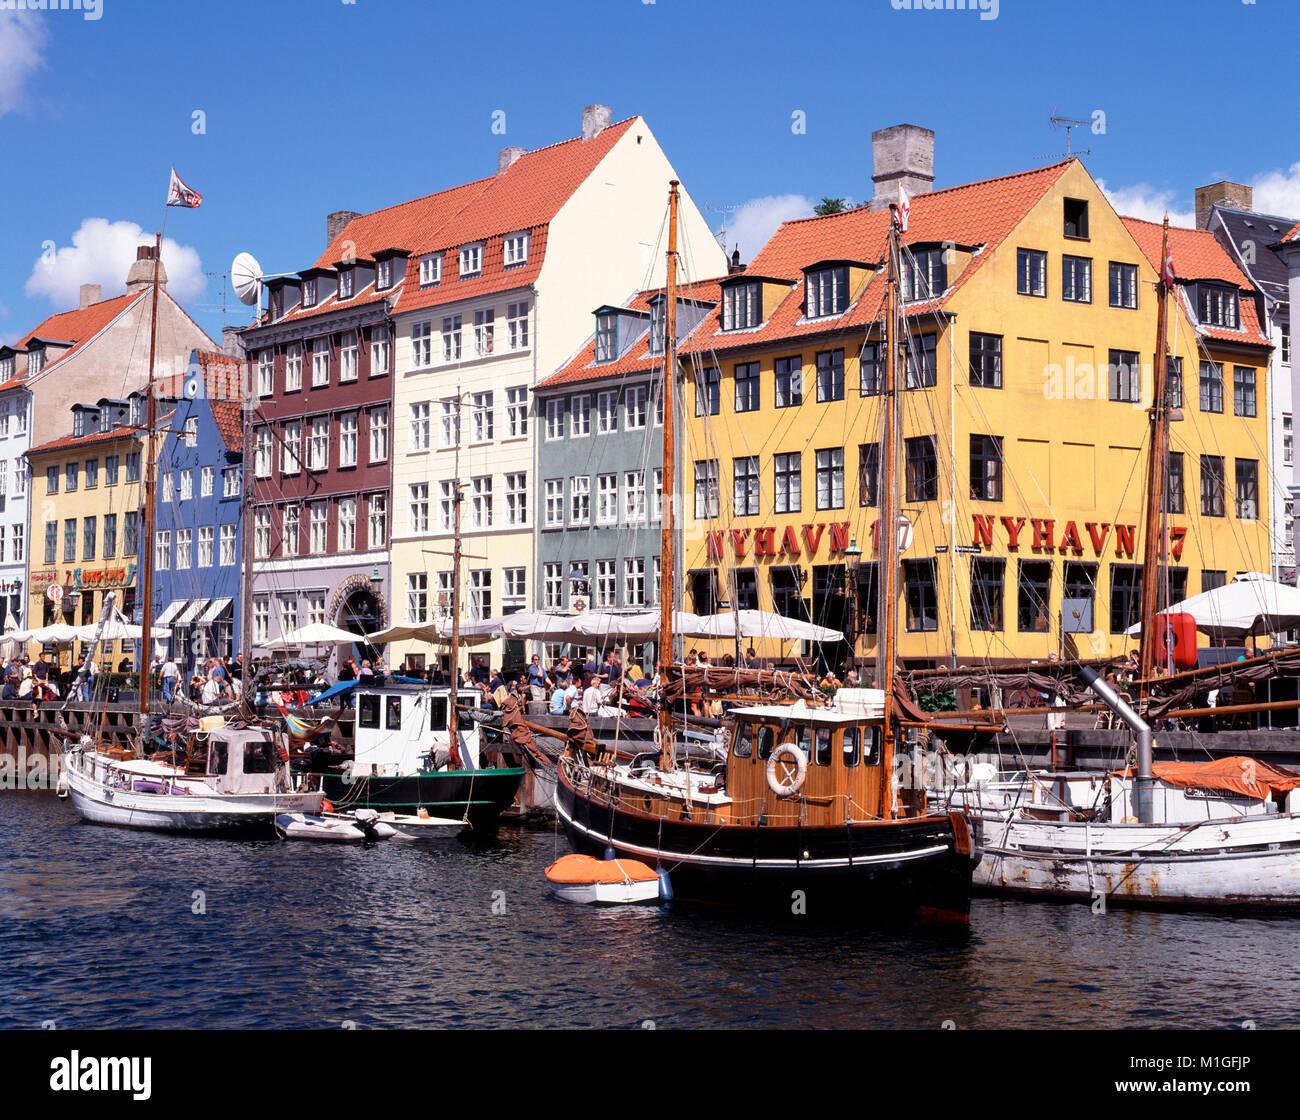 Nyhavn, Copenhagen, Denmark. - Stock Image